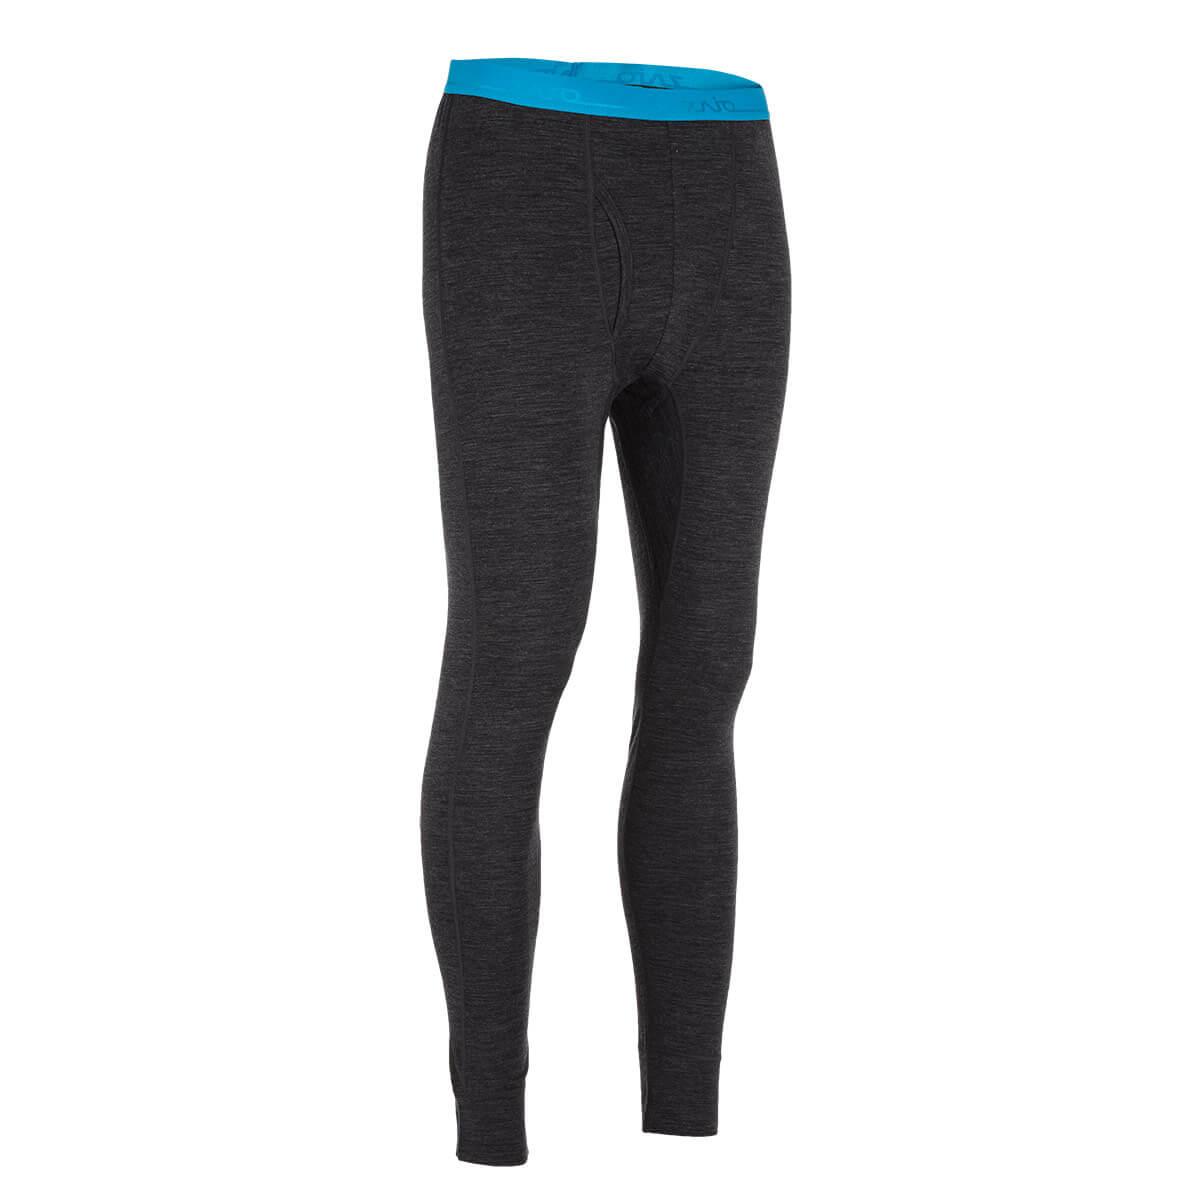 Pánske spodné prádlo Zajo Bjorn Merino Nylon Pants Black - veľkosť S